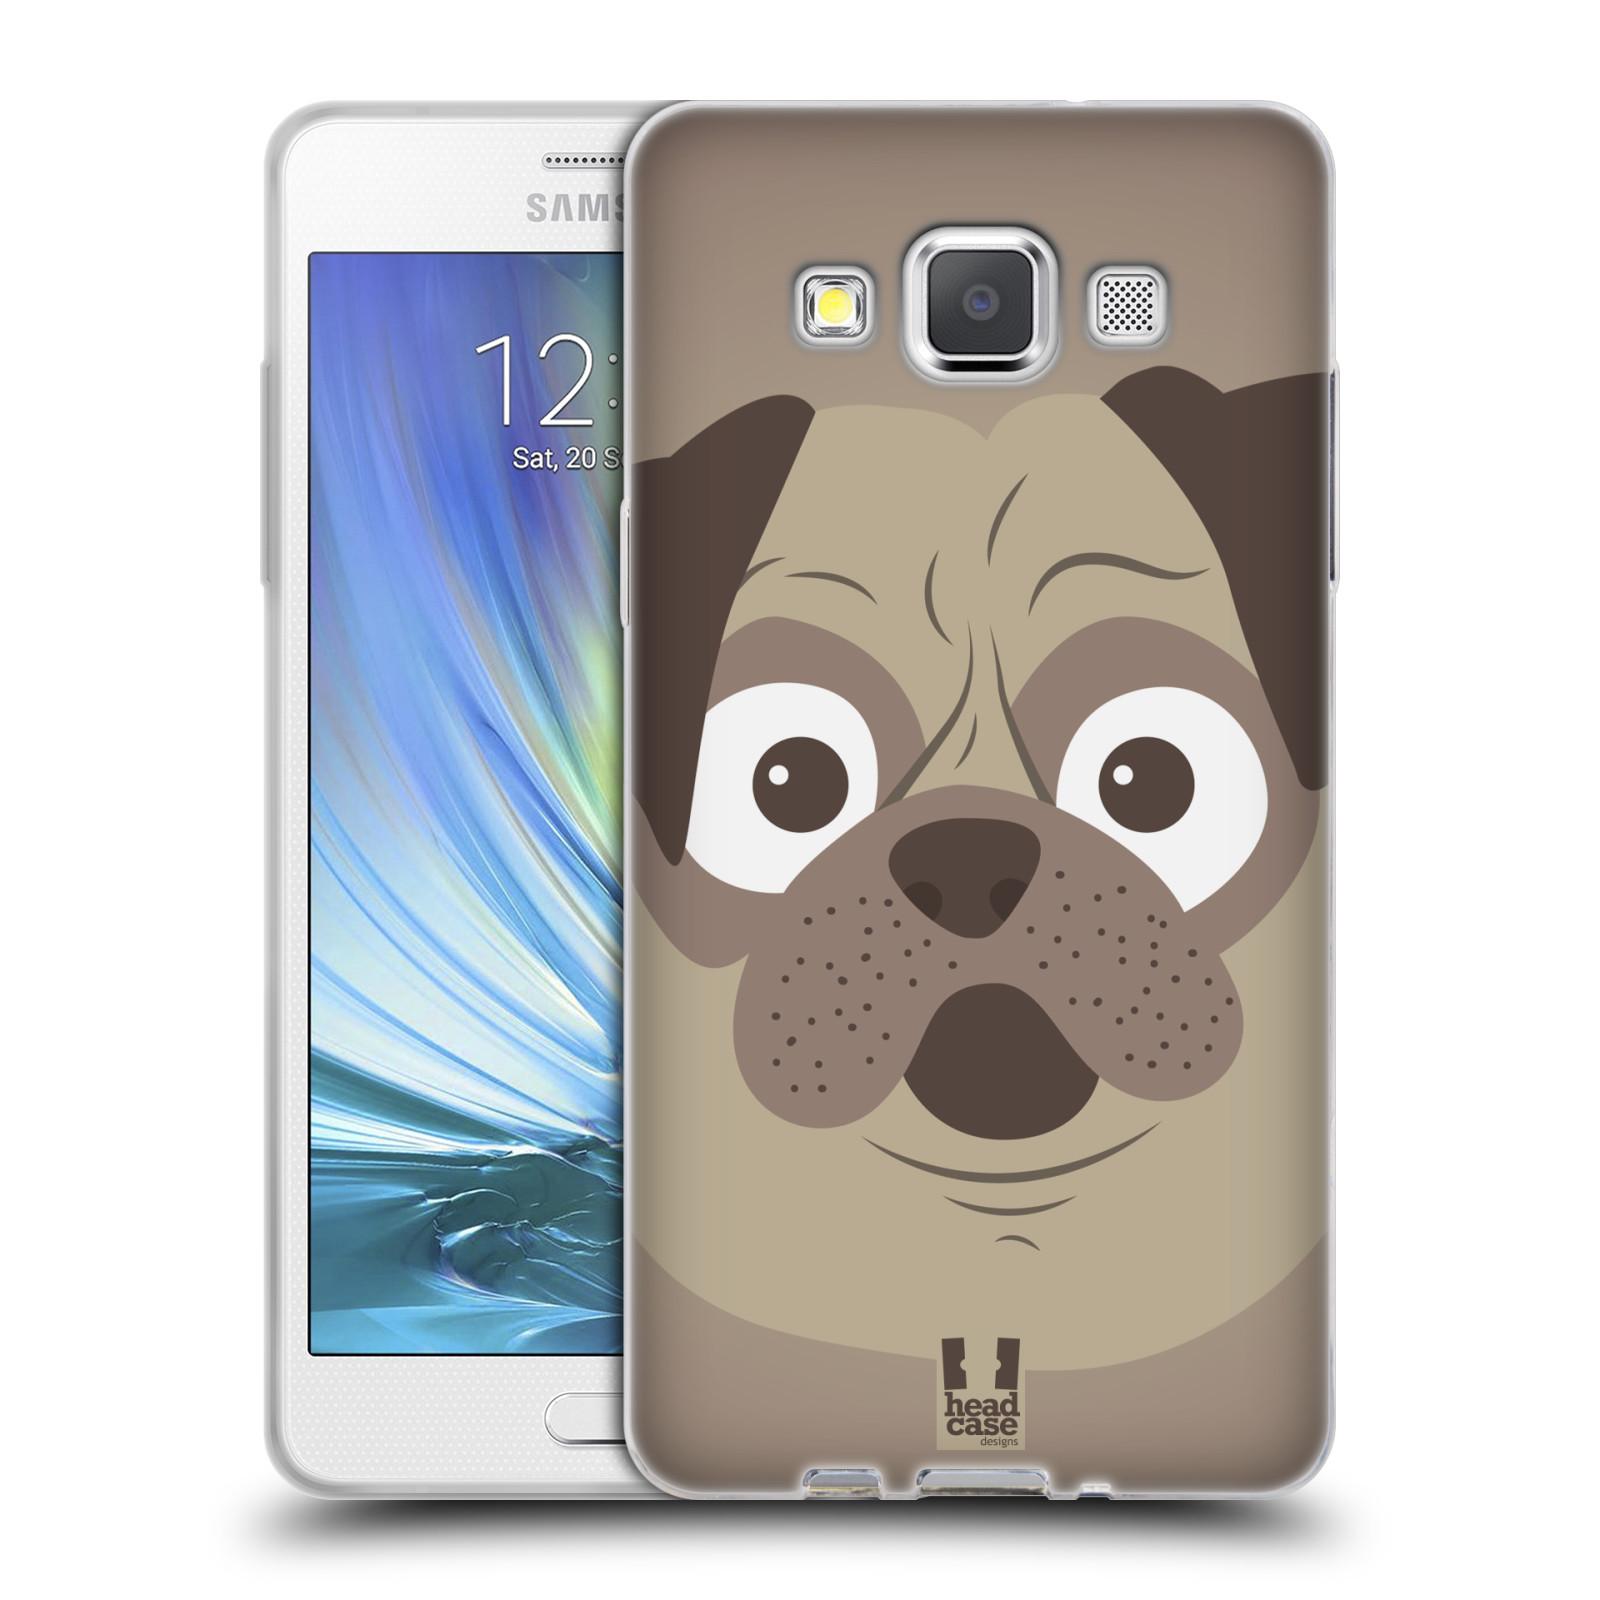 HEAD CASE silikonový obal na mobil Samsung Galaxy A5 vzor Cartoon Karikatura barevná kreslená zvířátka pes mopsík